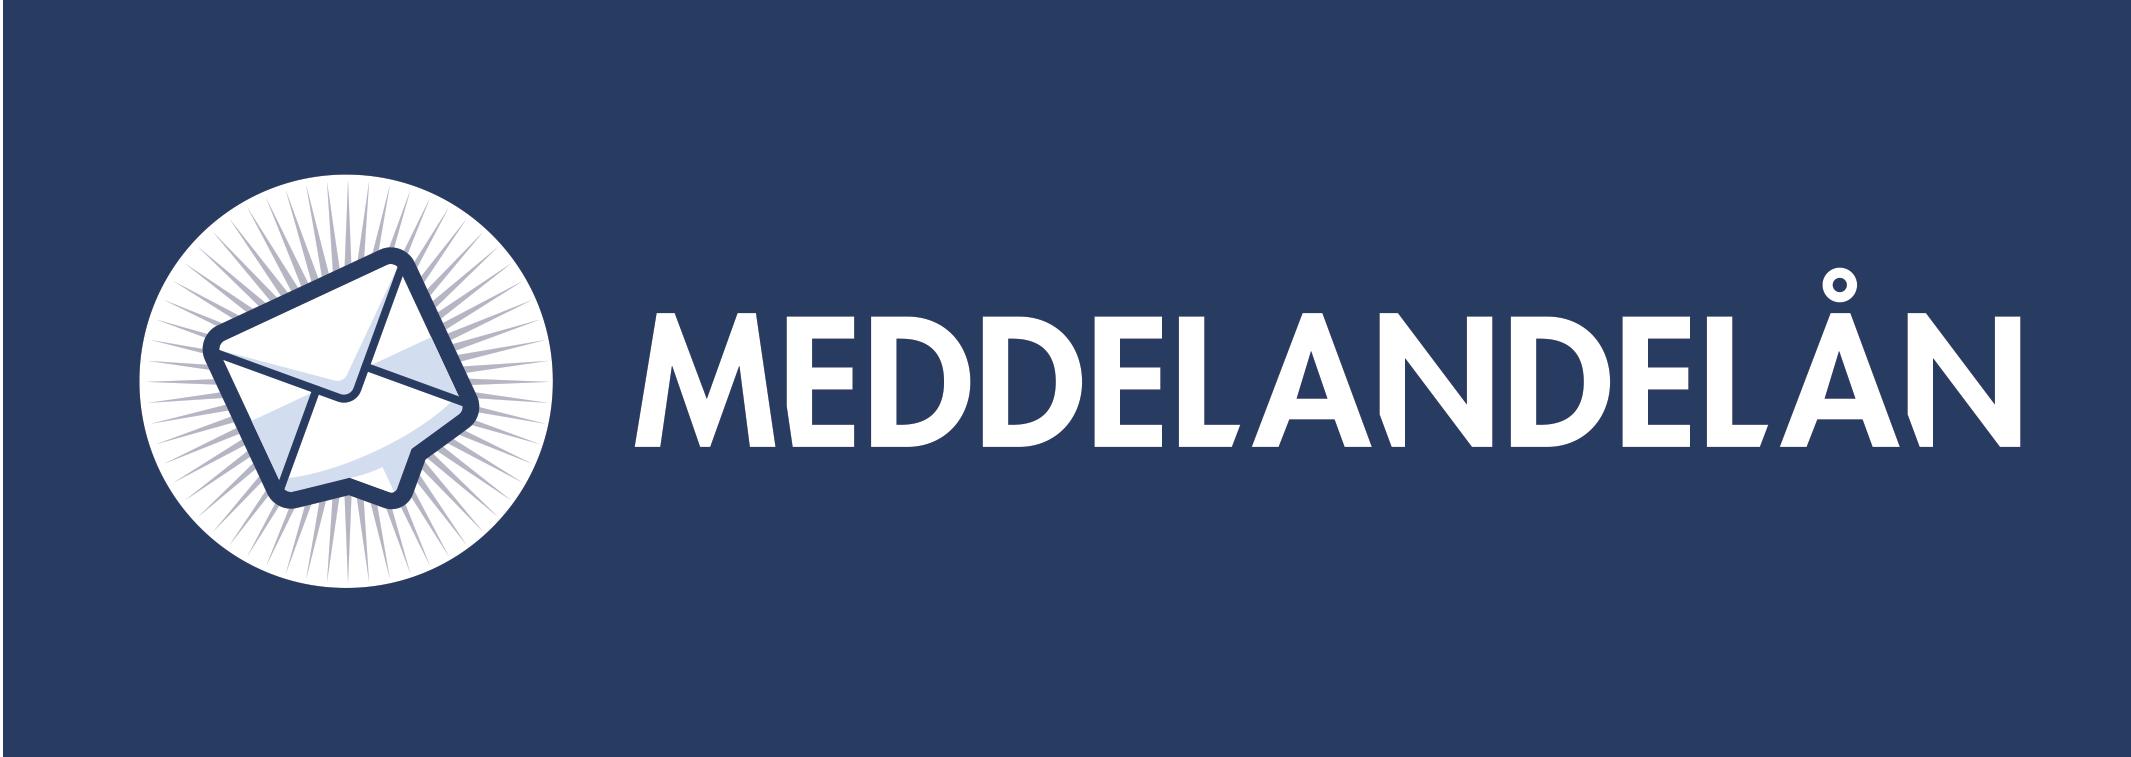 Meddelandelåns logotyp vitt med blå bakgrund